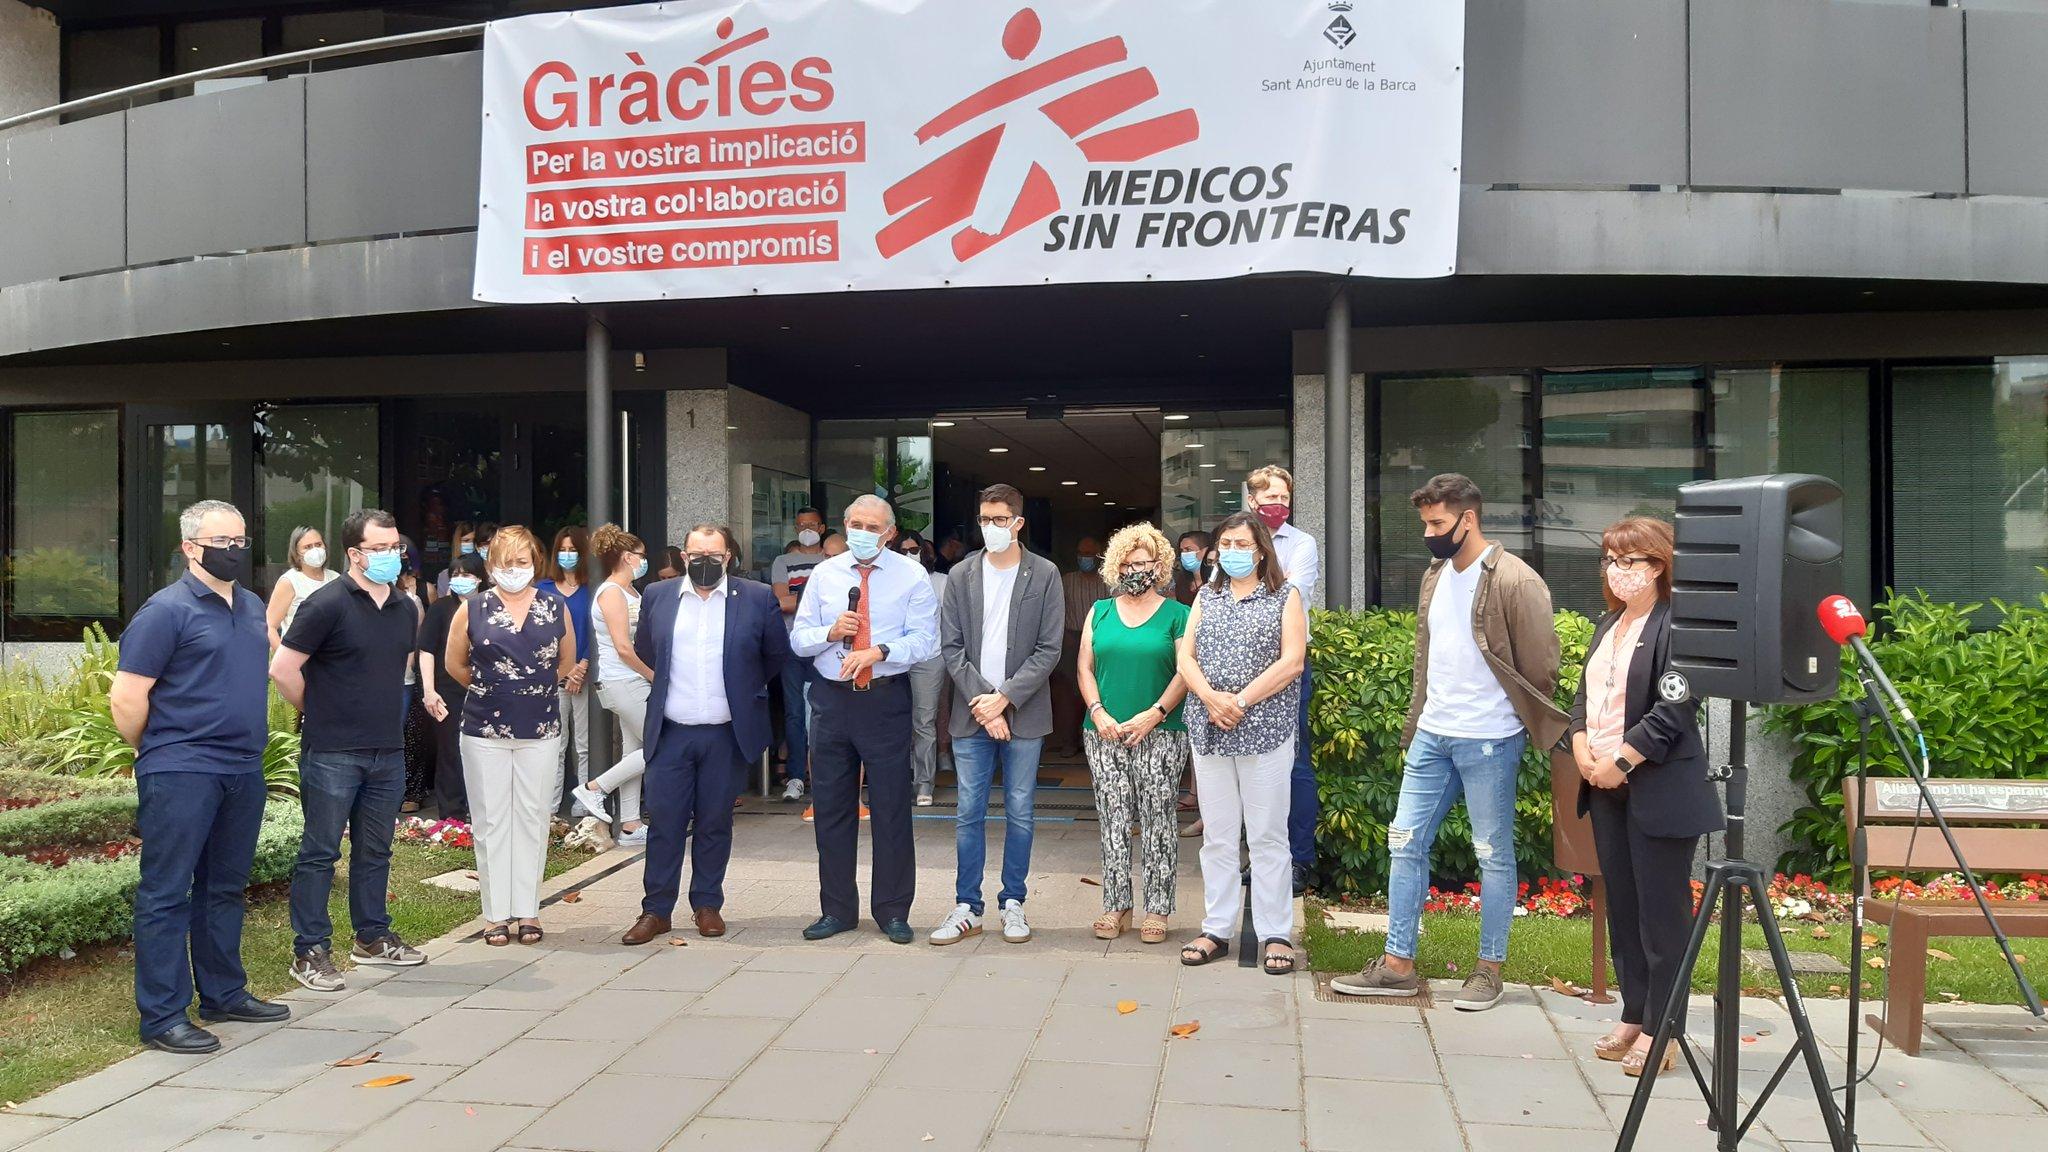 L'Ajuntament mostra el seu condol per l'assassinat masclista de dues nenes a Tenerife i una jove a Sevilla